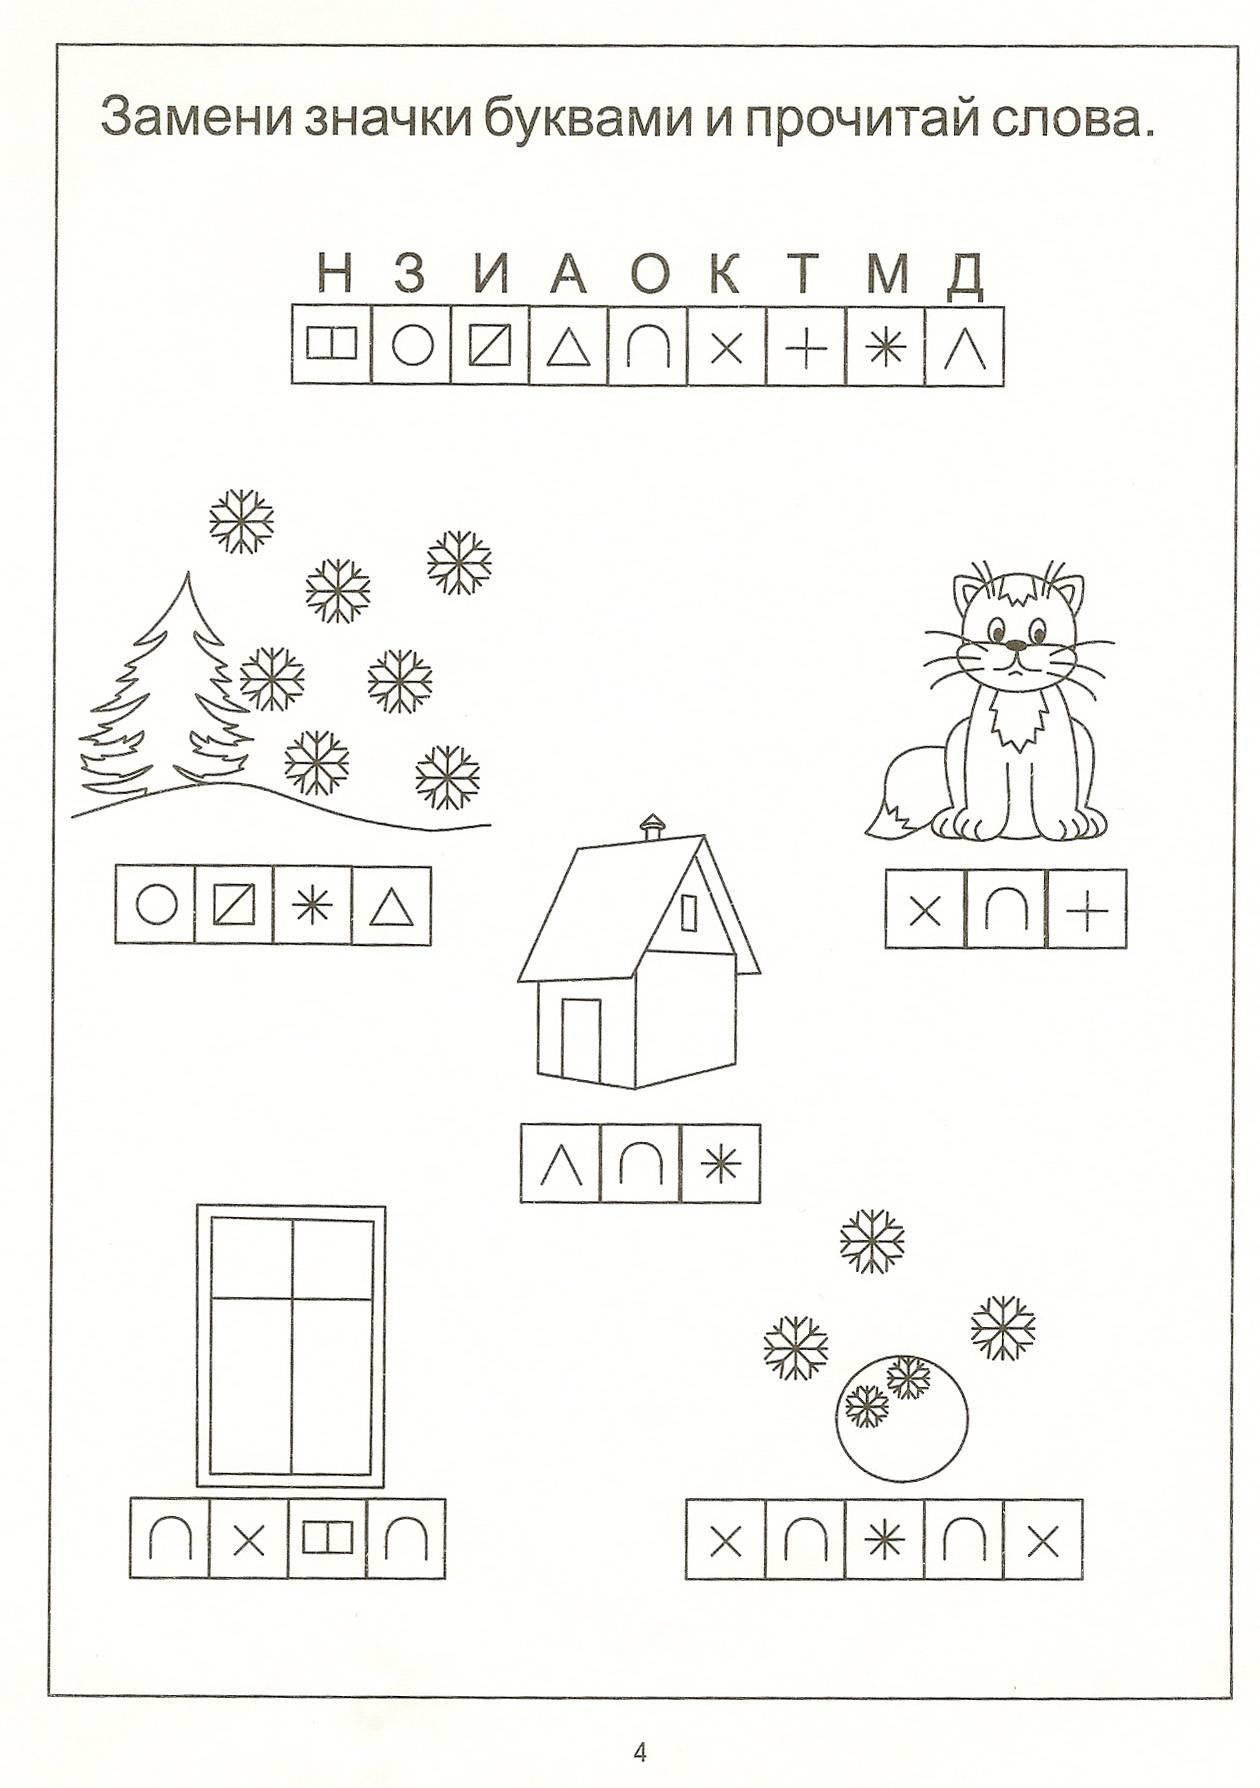 Головоломка для детей 5 лет картинки